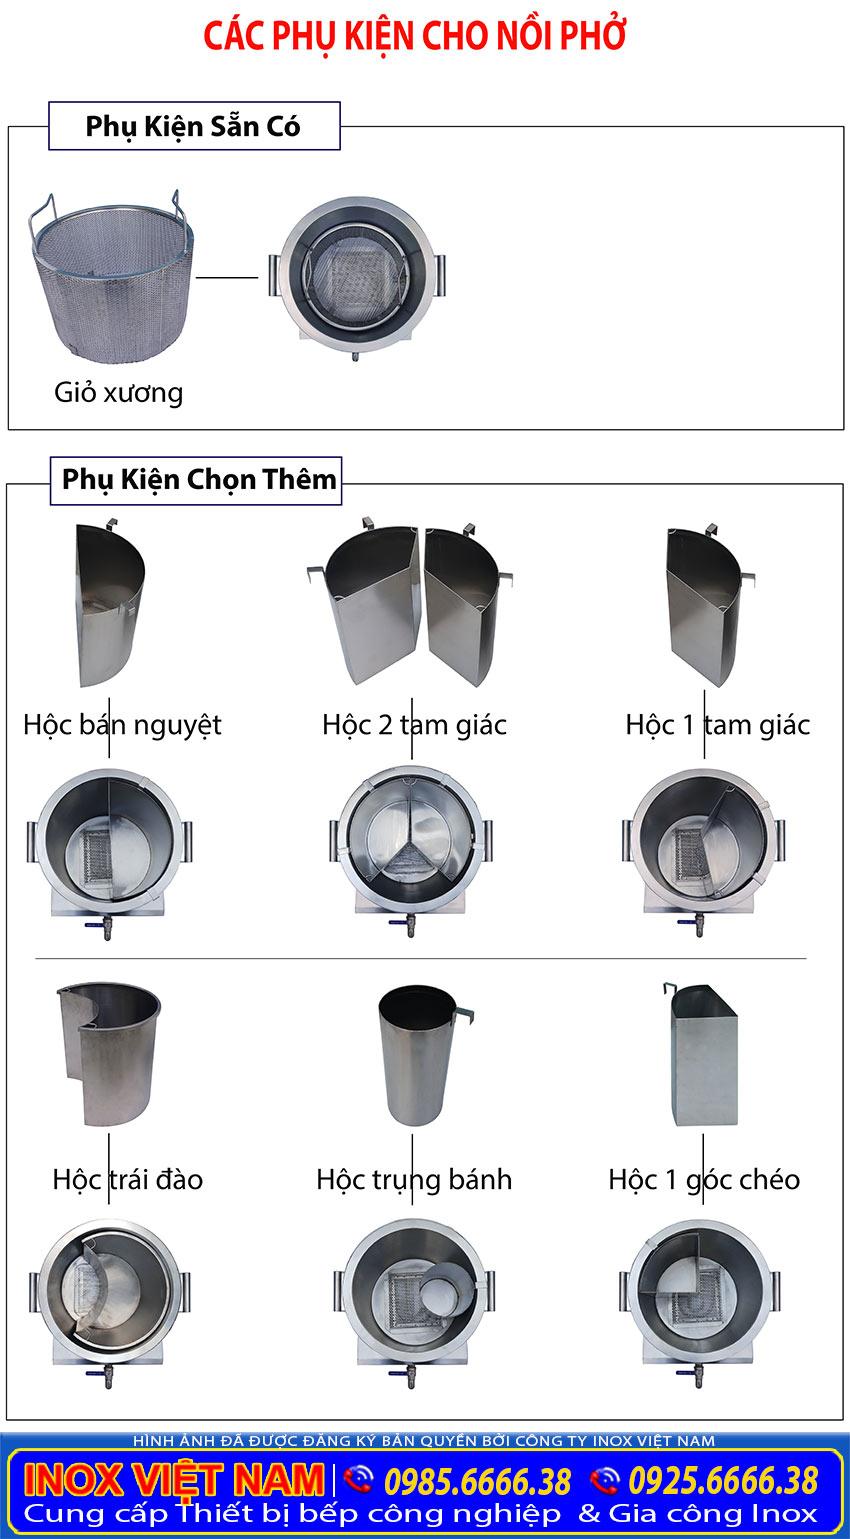 Các phụ kiện cho nồi nấu phở bằng điện